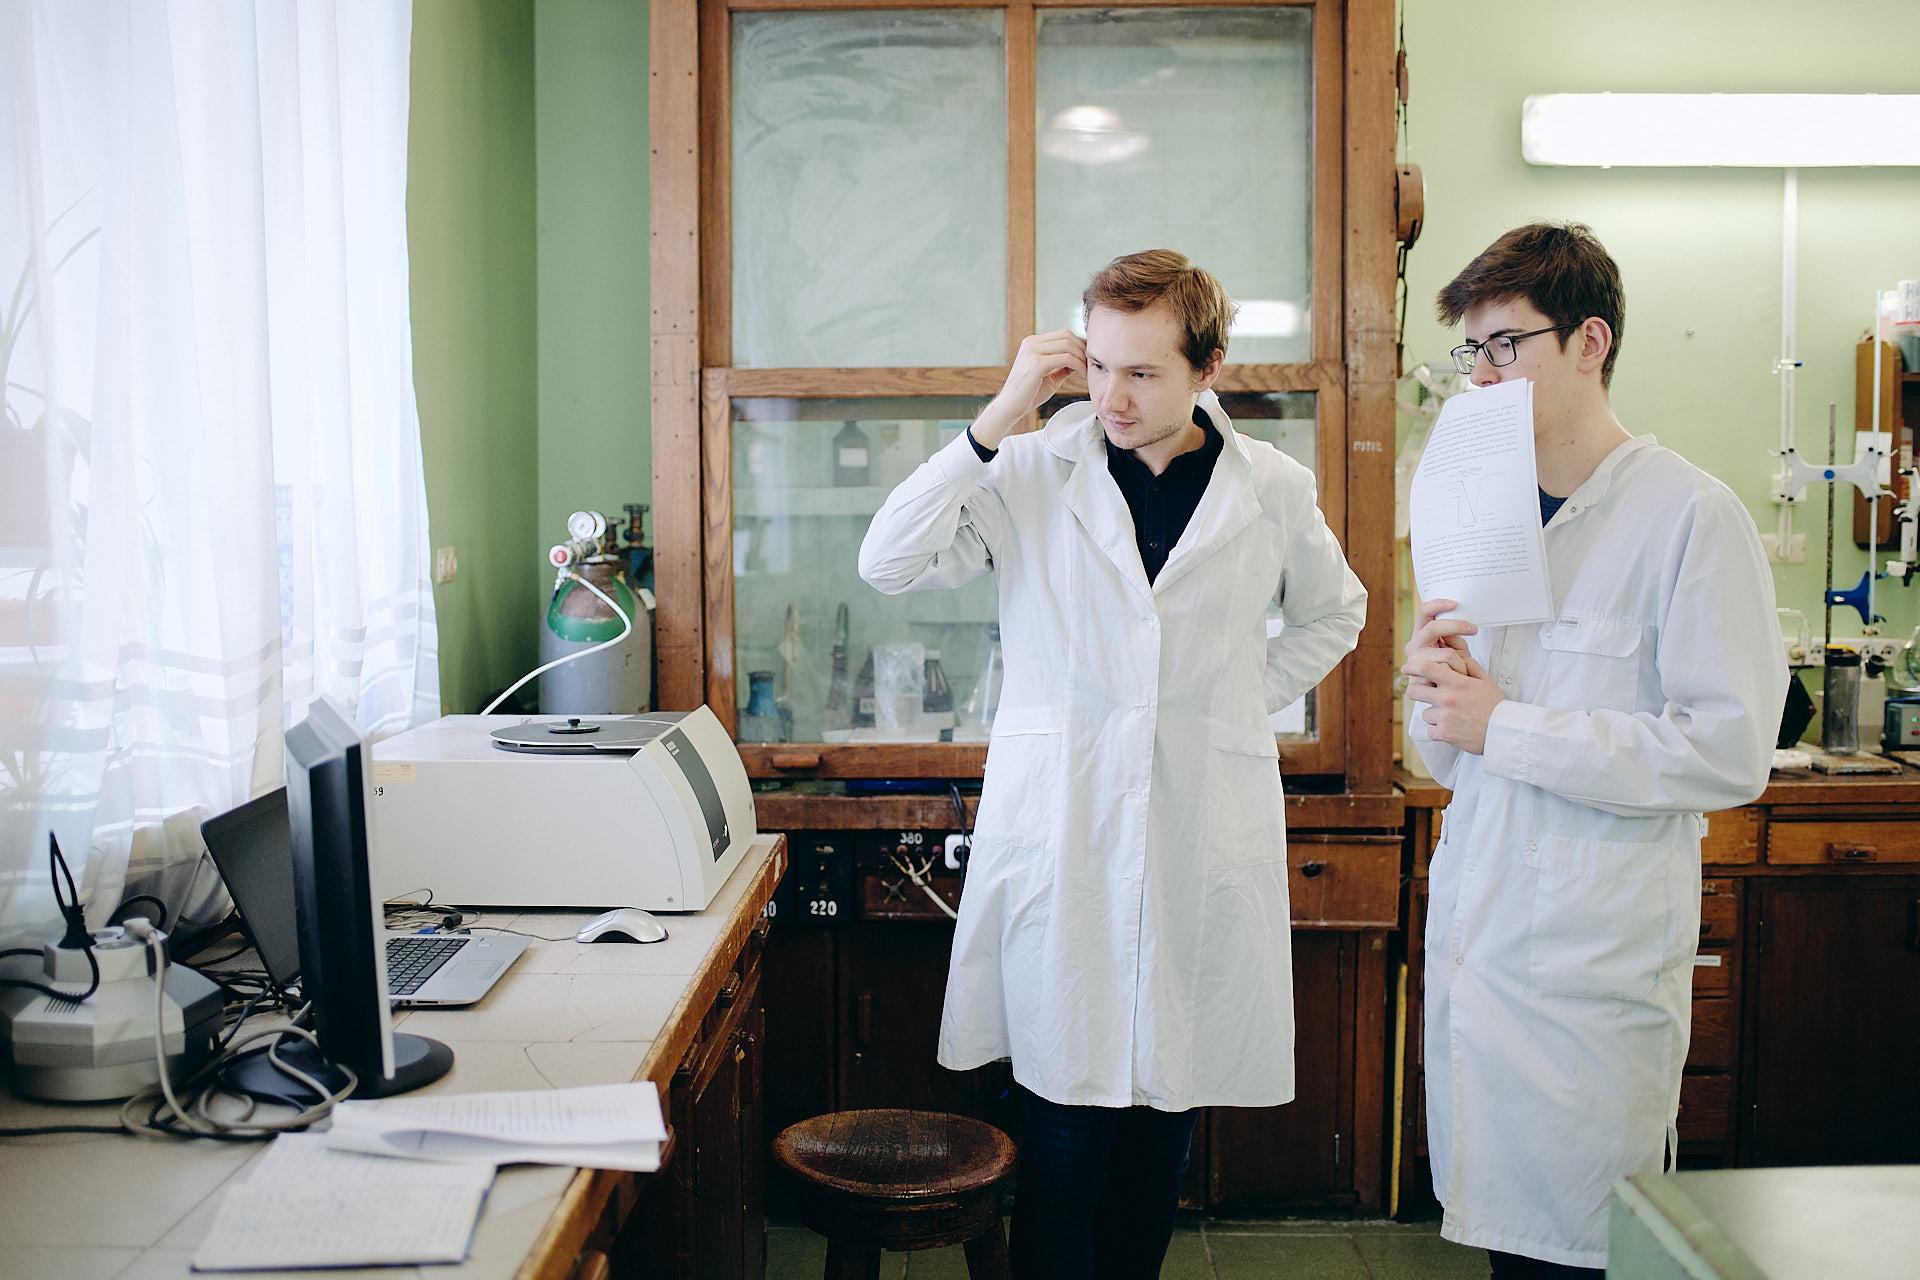 俄罗斯大学化学系的学生正在进行化学分析实验